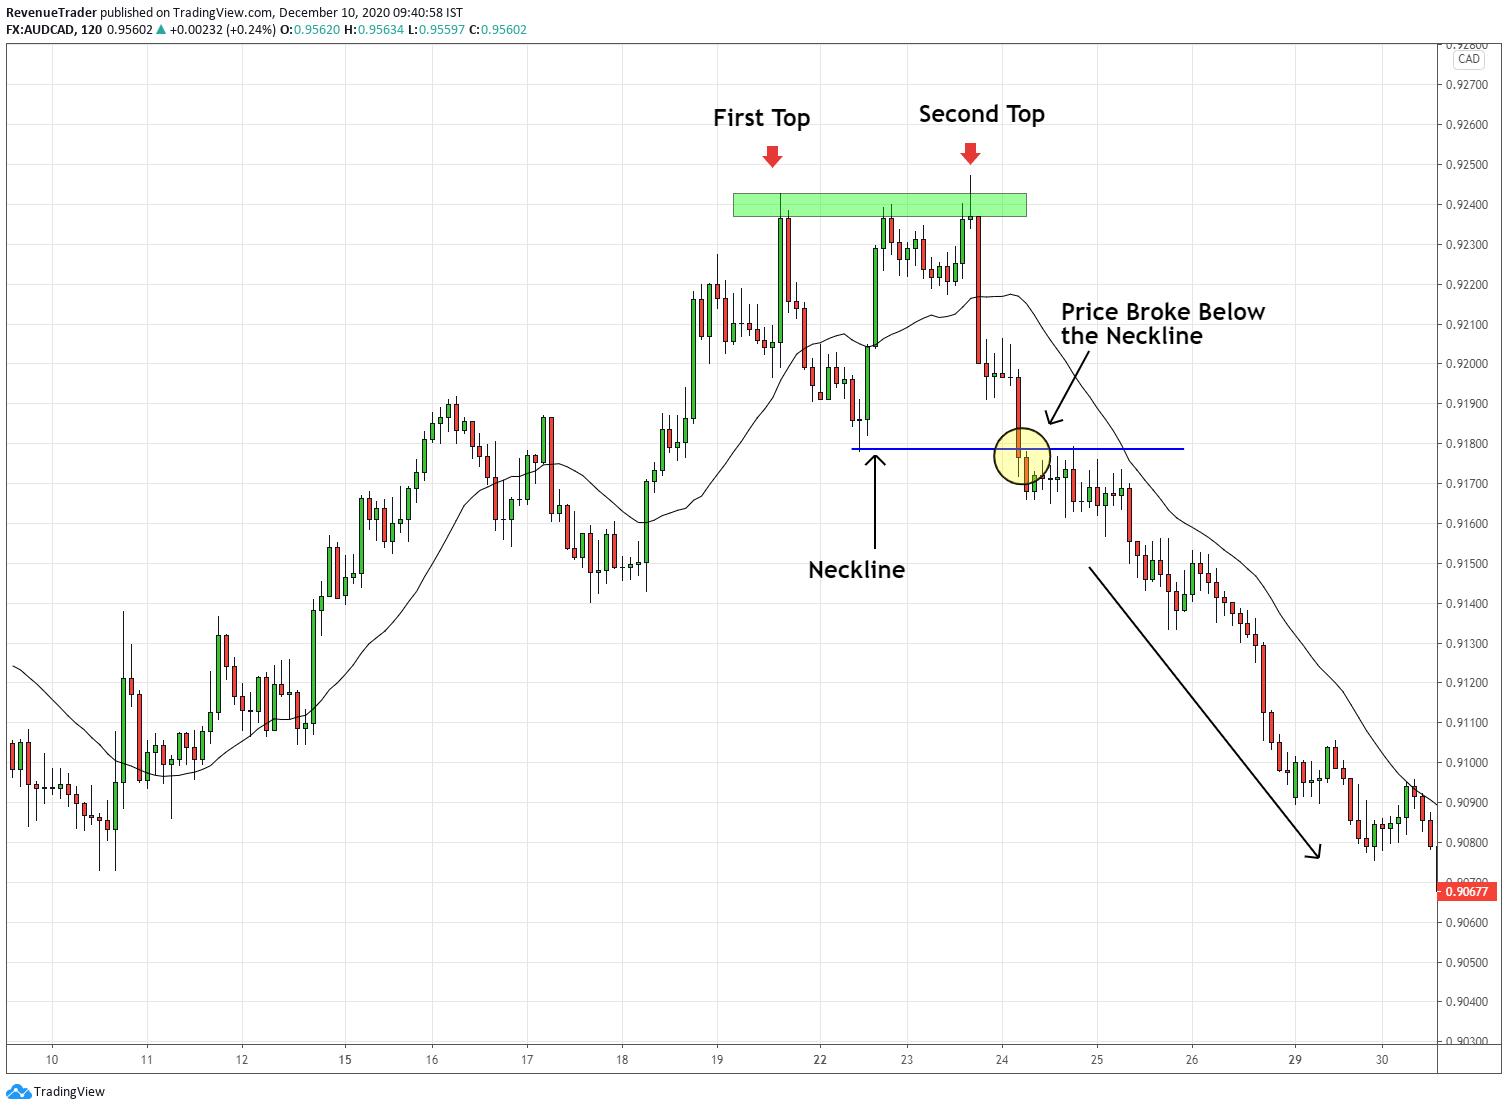 trend reversal pattern - double top pattern